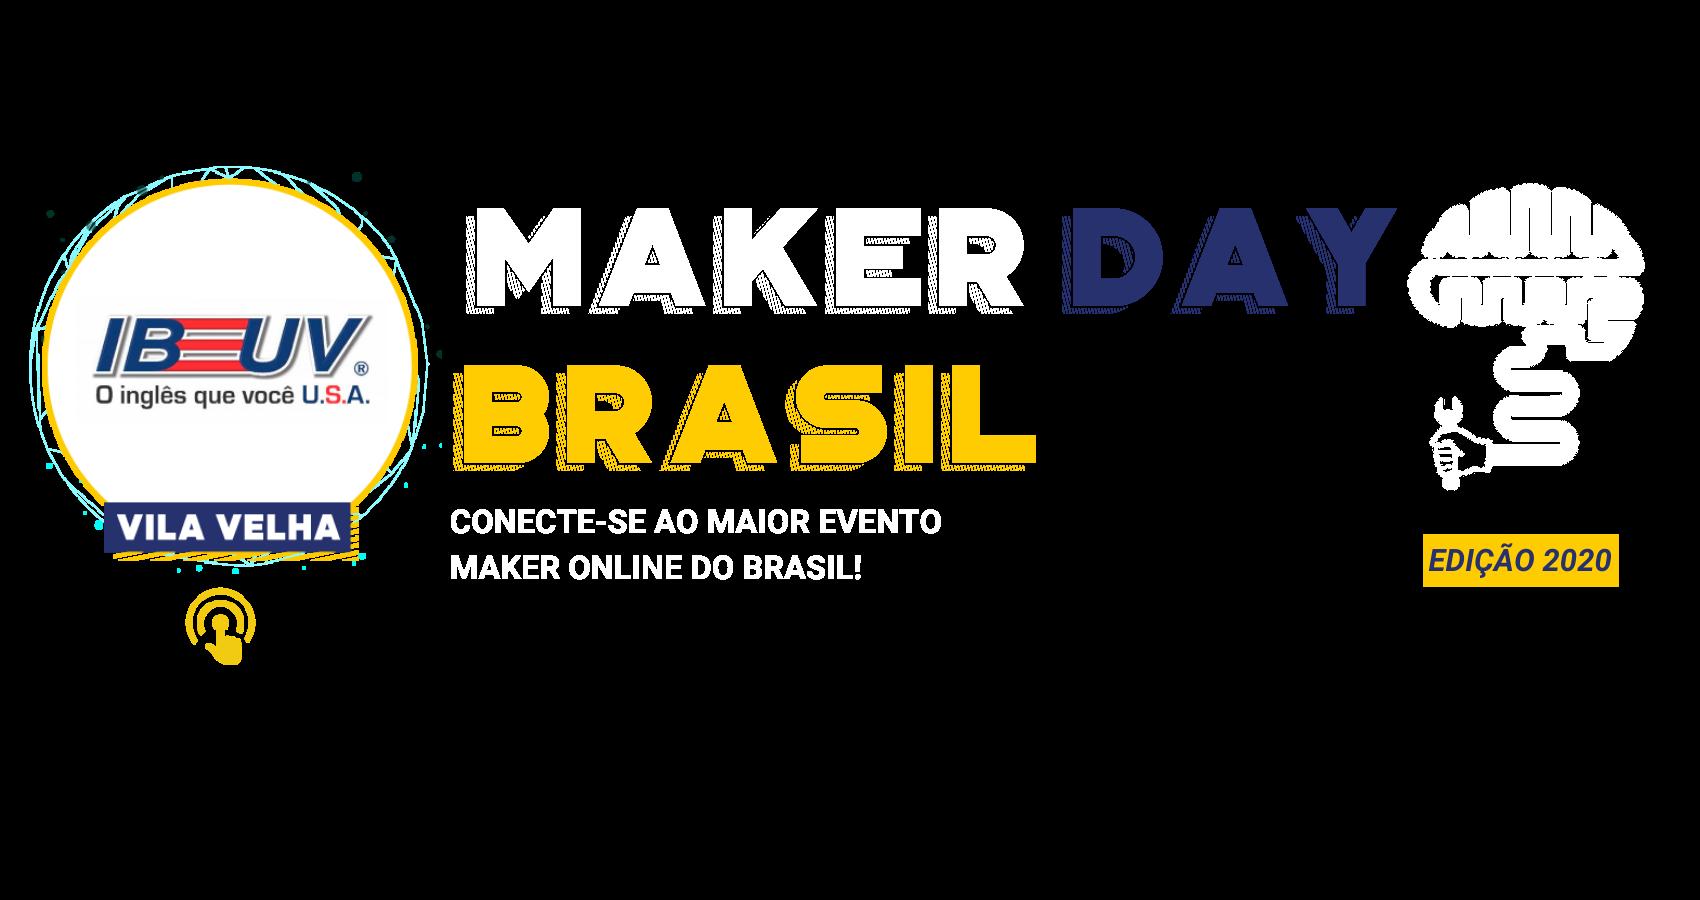 Maker Day Brasil Capa Vila Velha